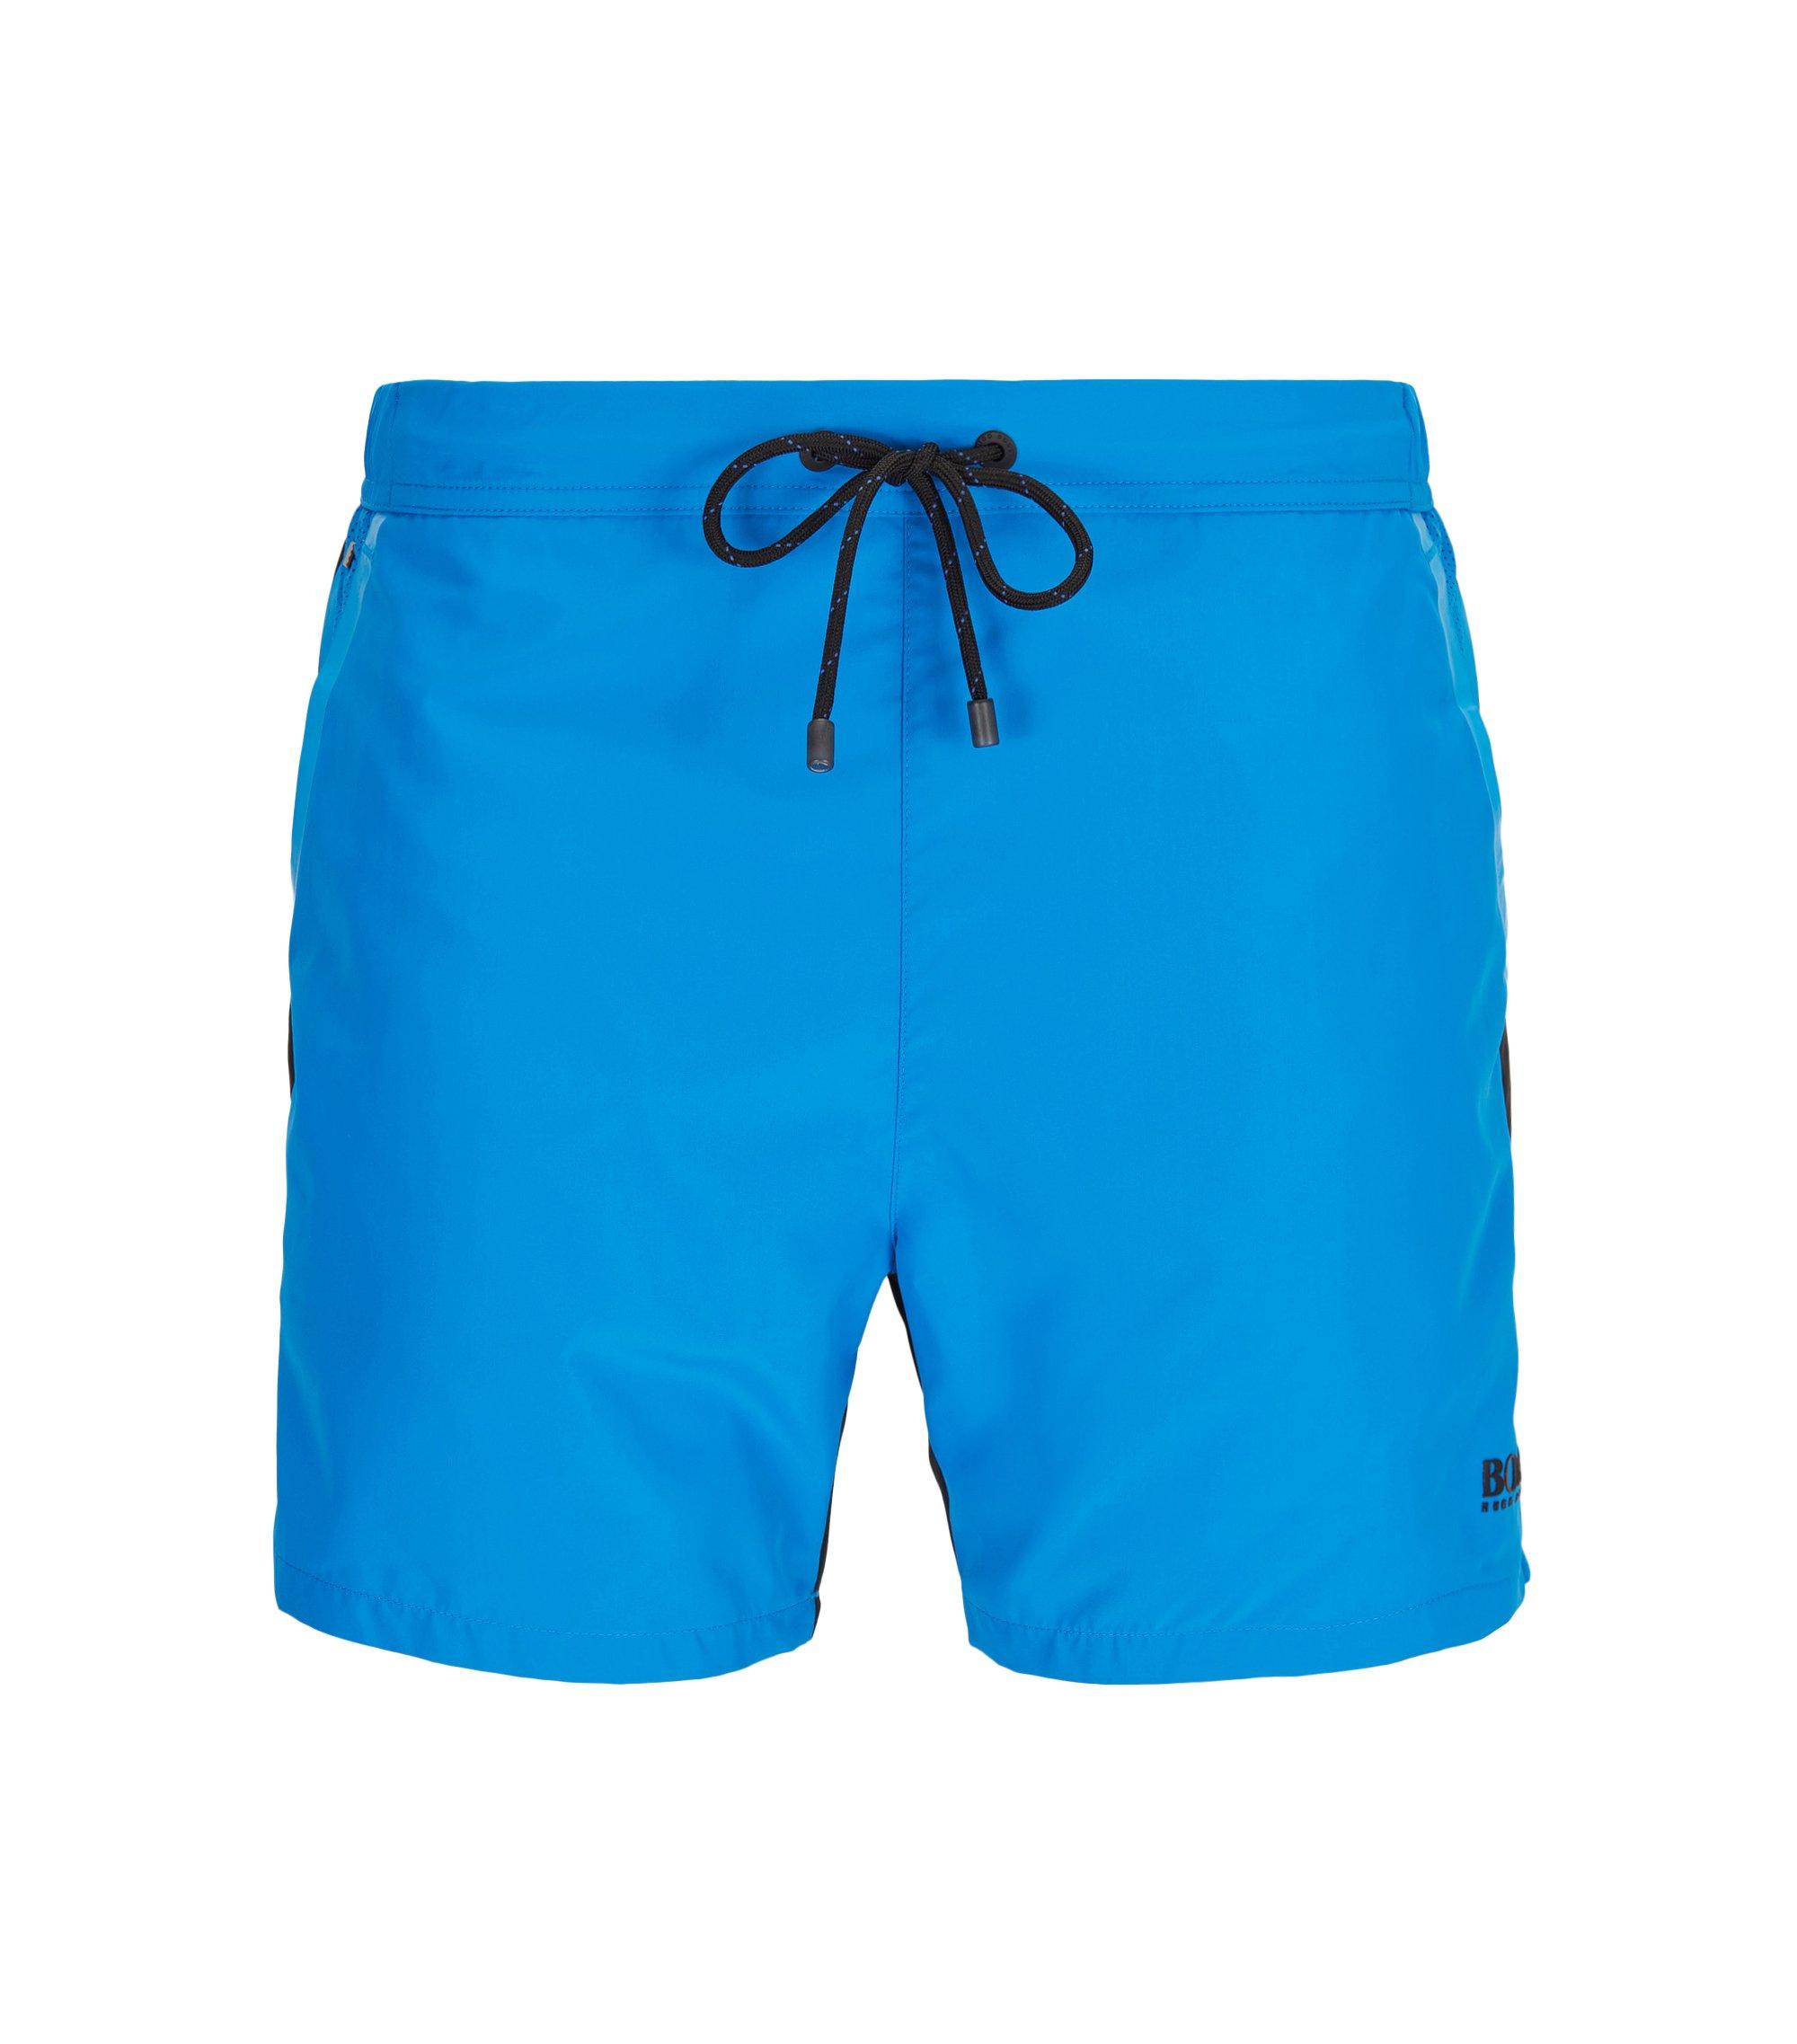 Bañador short de largo medio y secado rápido con cintura semielástica, Turquesa